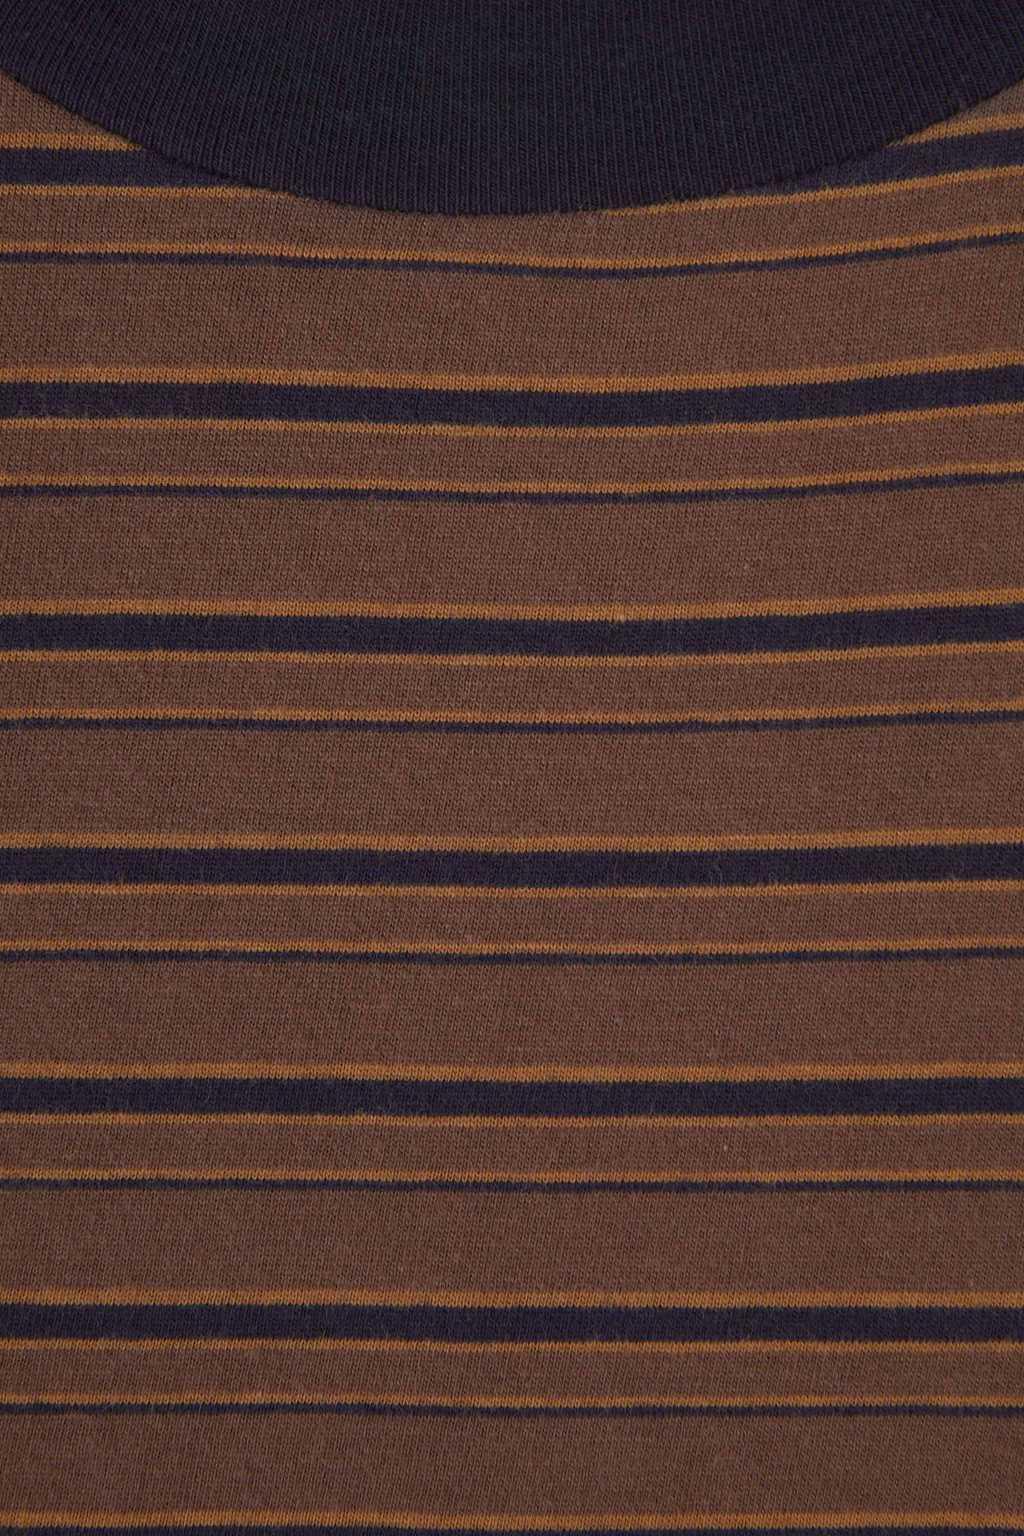 TShirt 2972 Brown Stripe 5